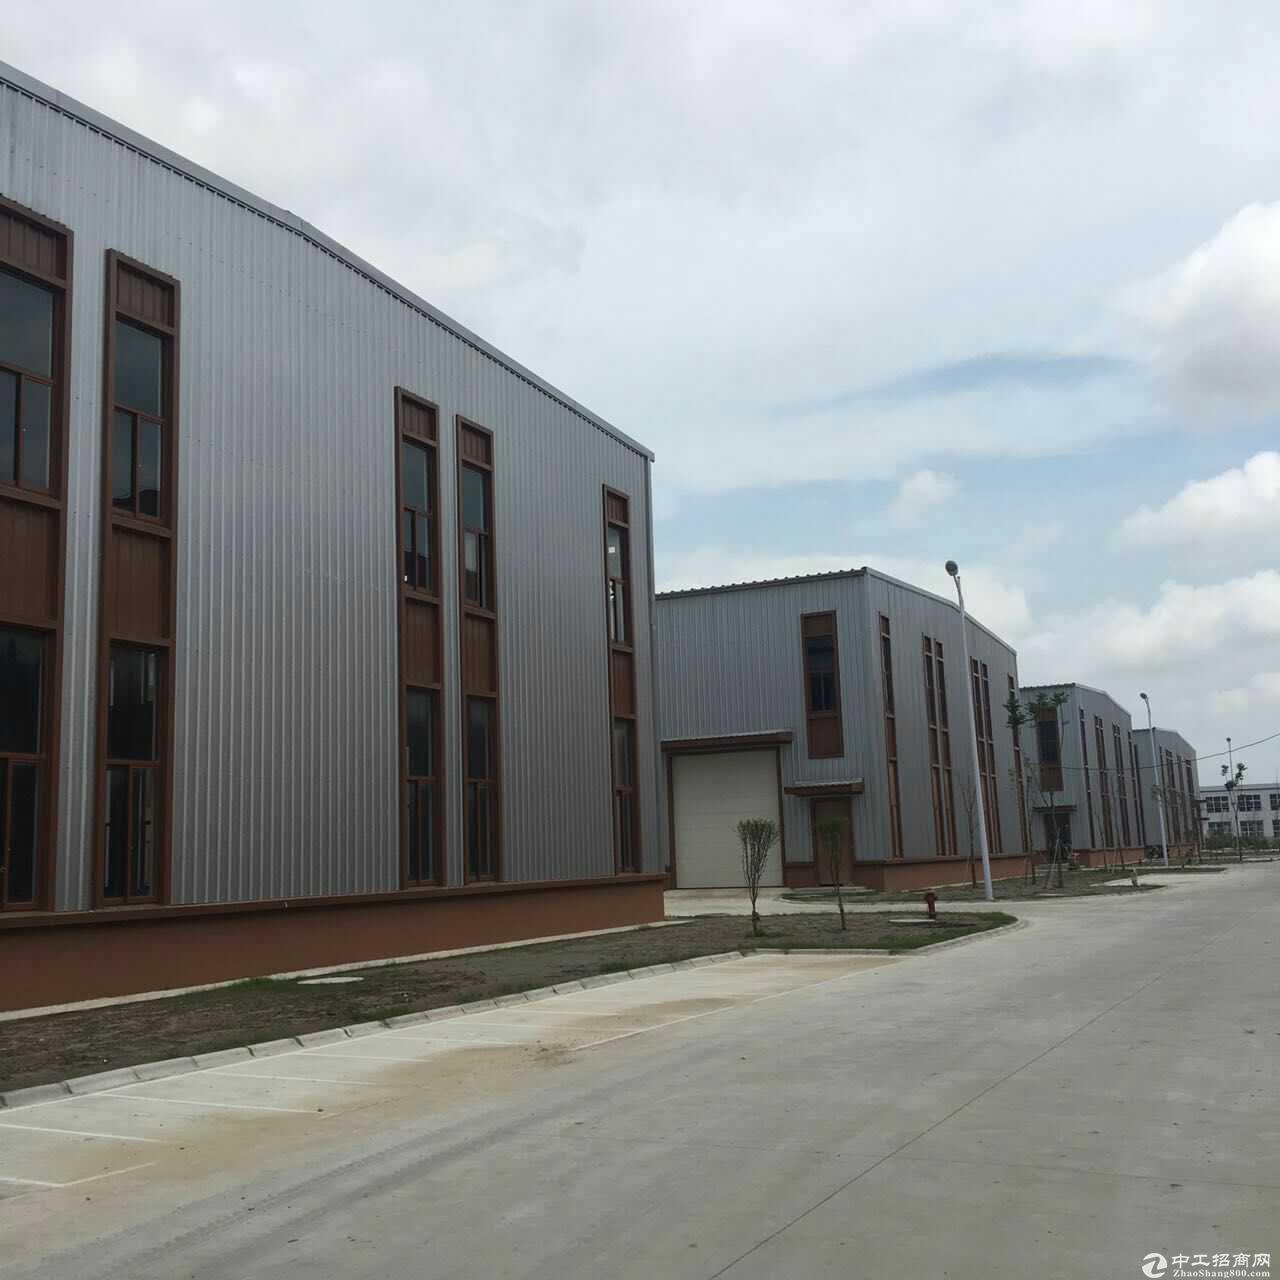 出售园区独立产权厂房,单层10米层高钢结构,双层标准厂房,可架行车,多面积可选-图3